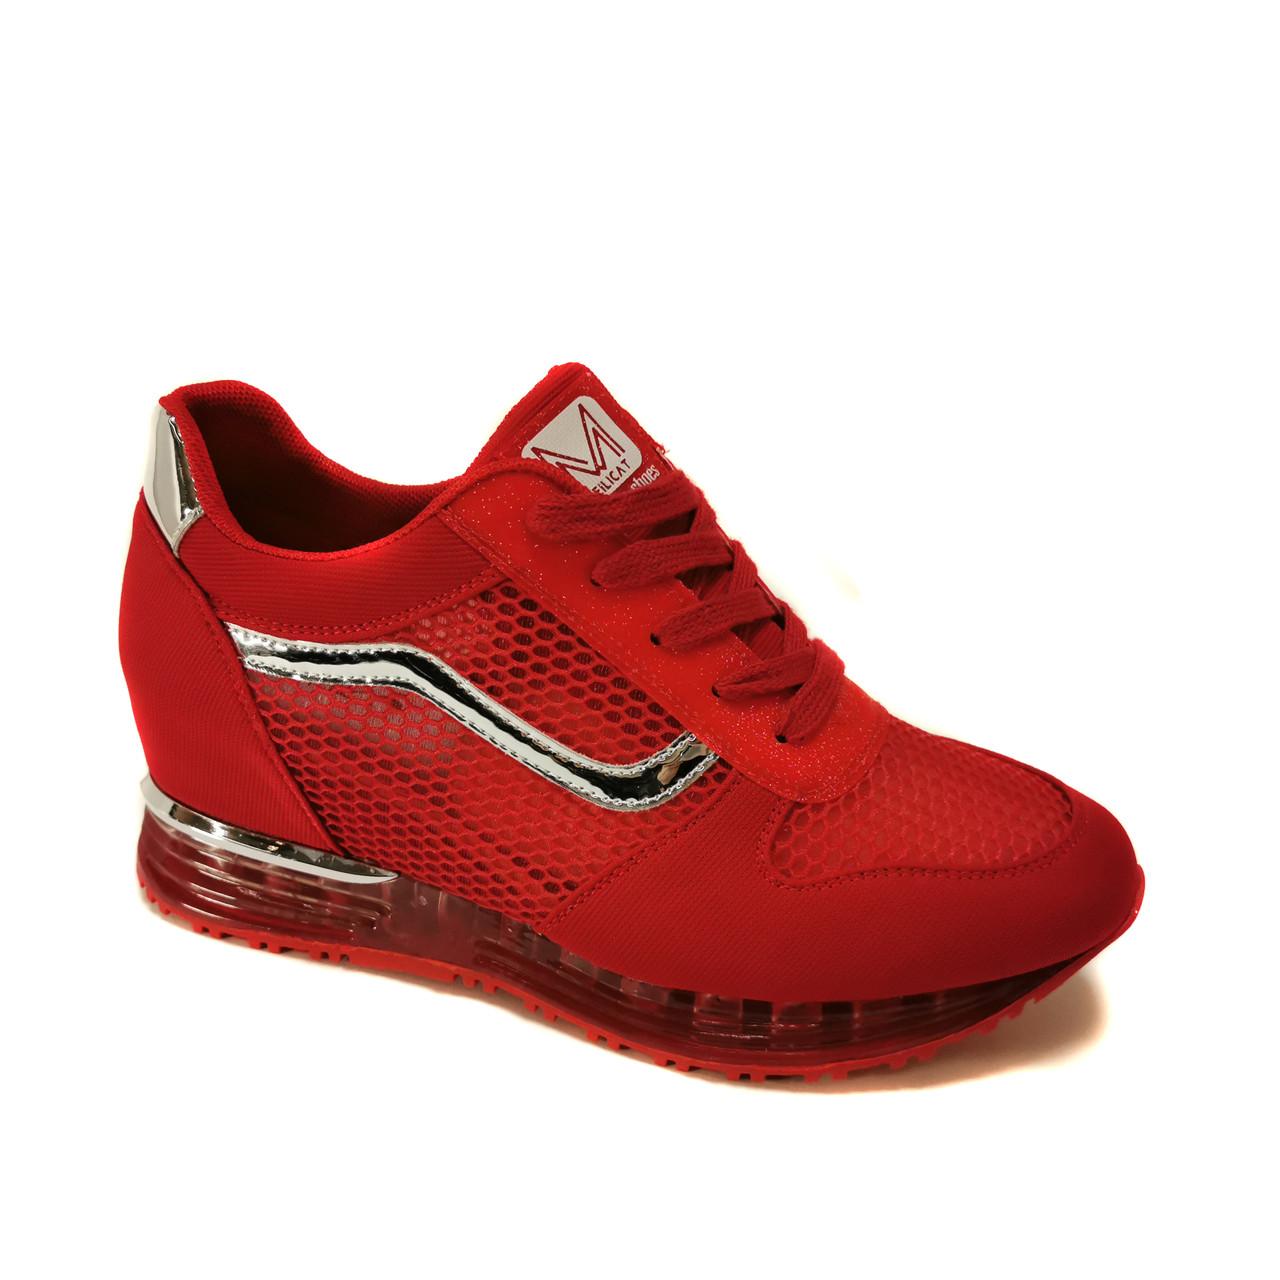 Кроссовки Lonza 810 red сетка